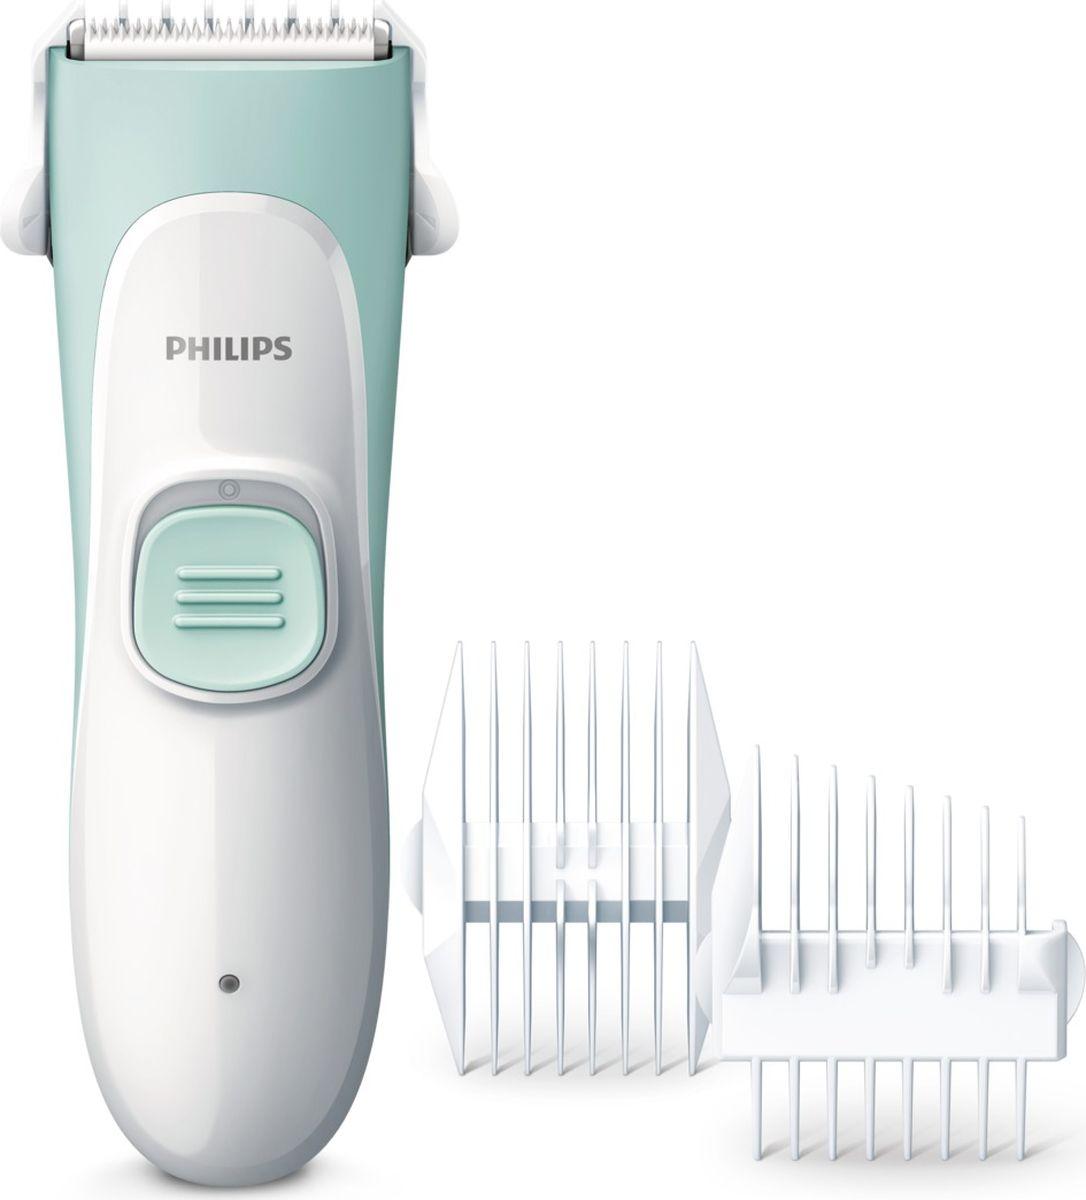 Philips HC1066/15 детская машинка для стрижки волос - Машинки для стрижки